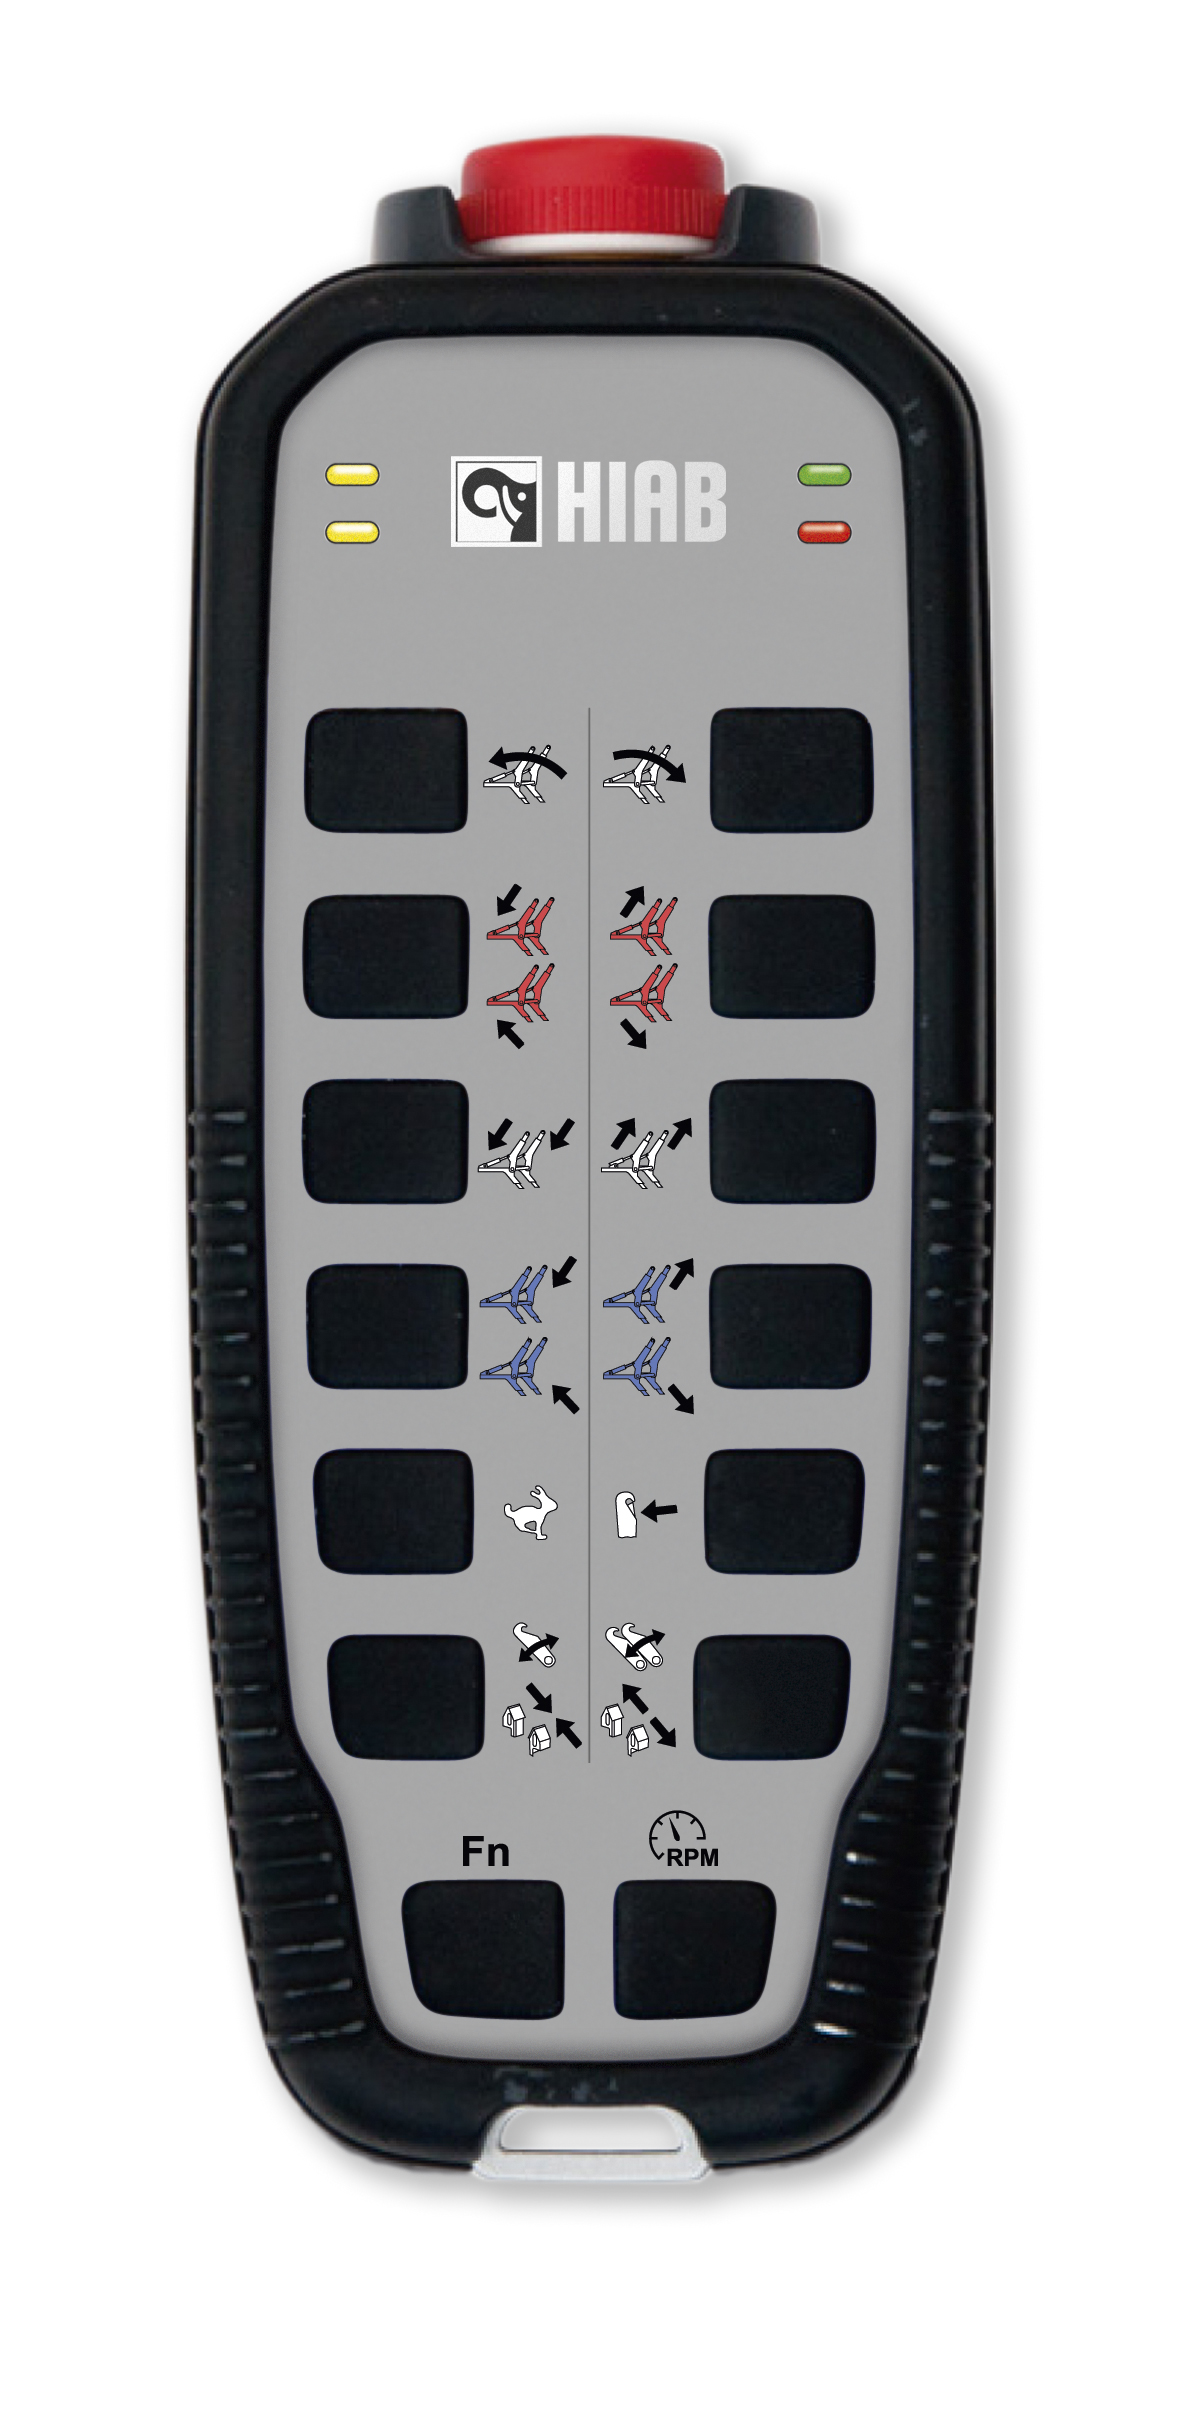 Hiab Multilift skiploader radio control